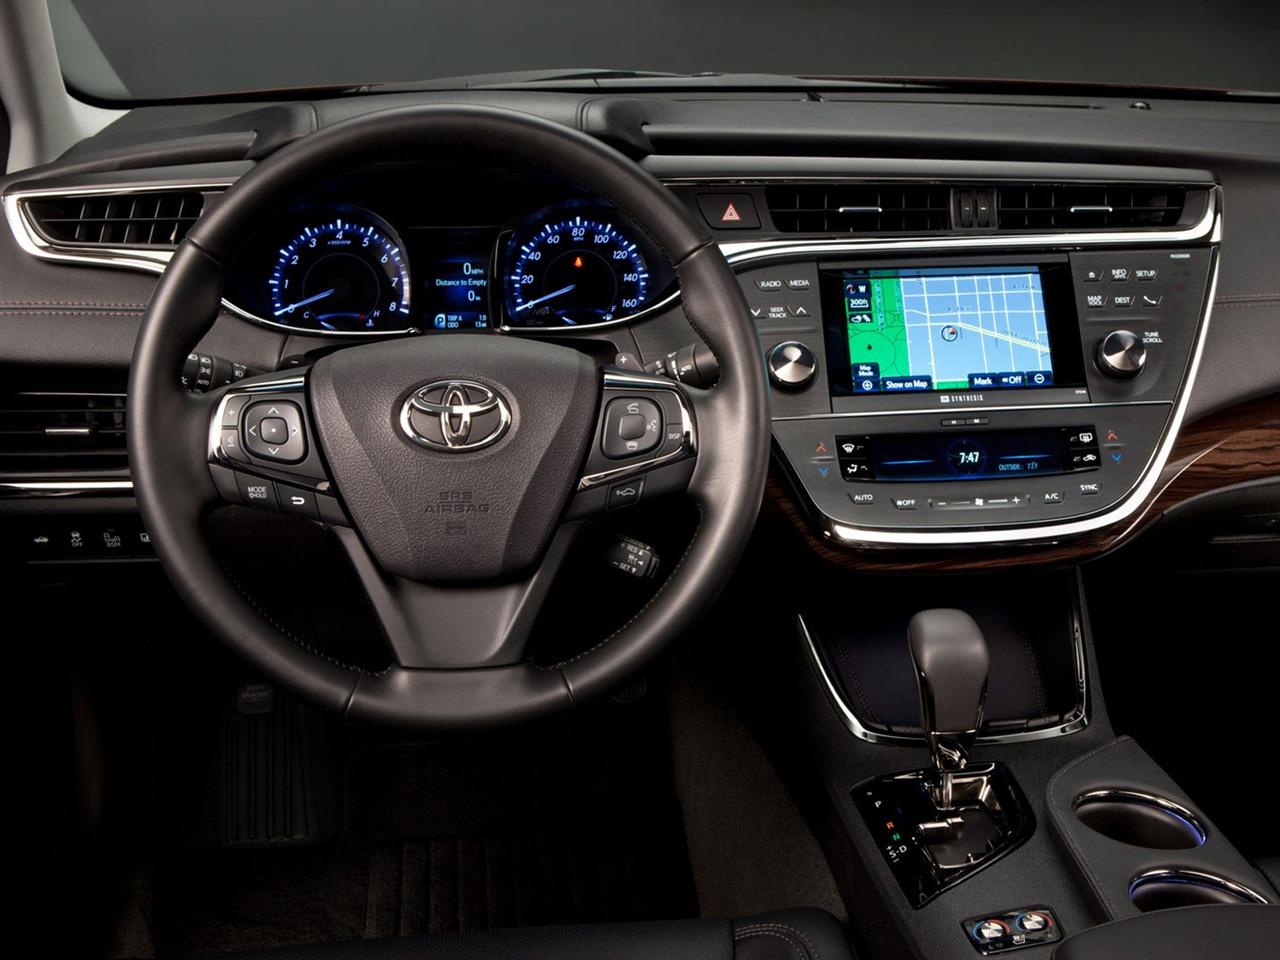 اسعار صور أفلون الجديدة Toyota 2013-Toyota-Avalon-Dashboard.jpg